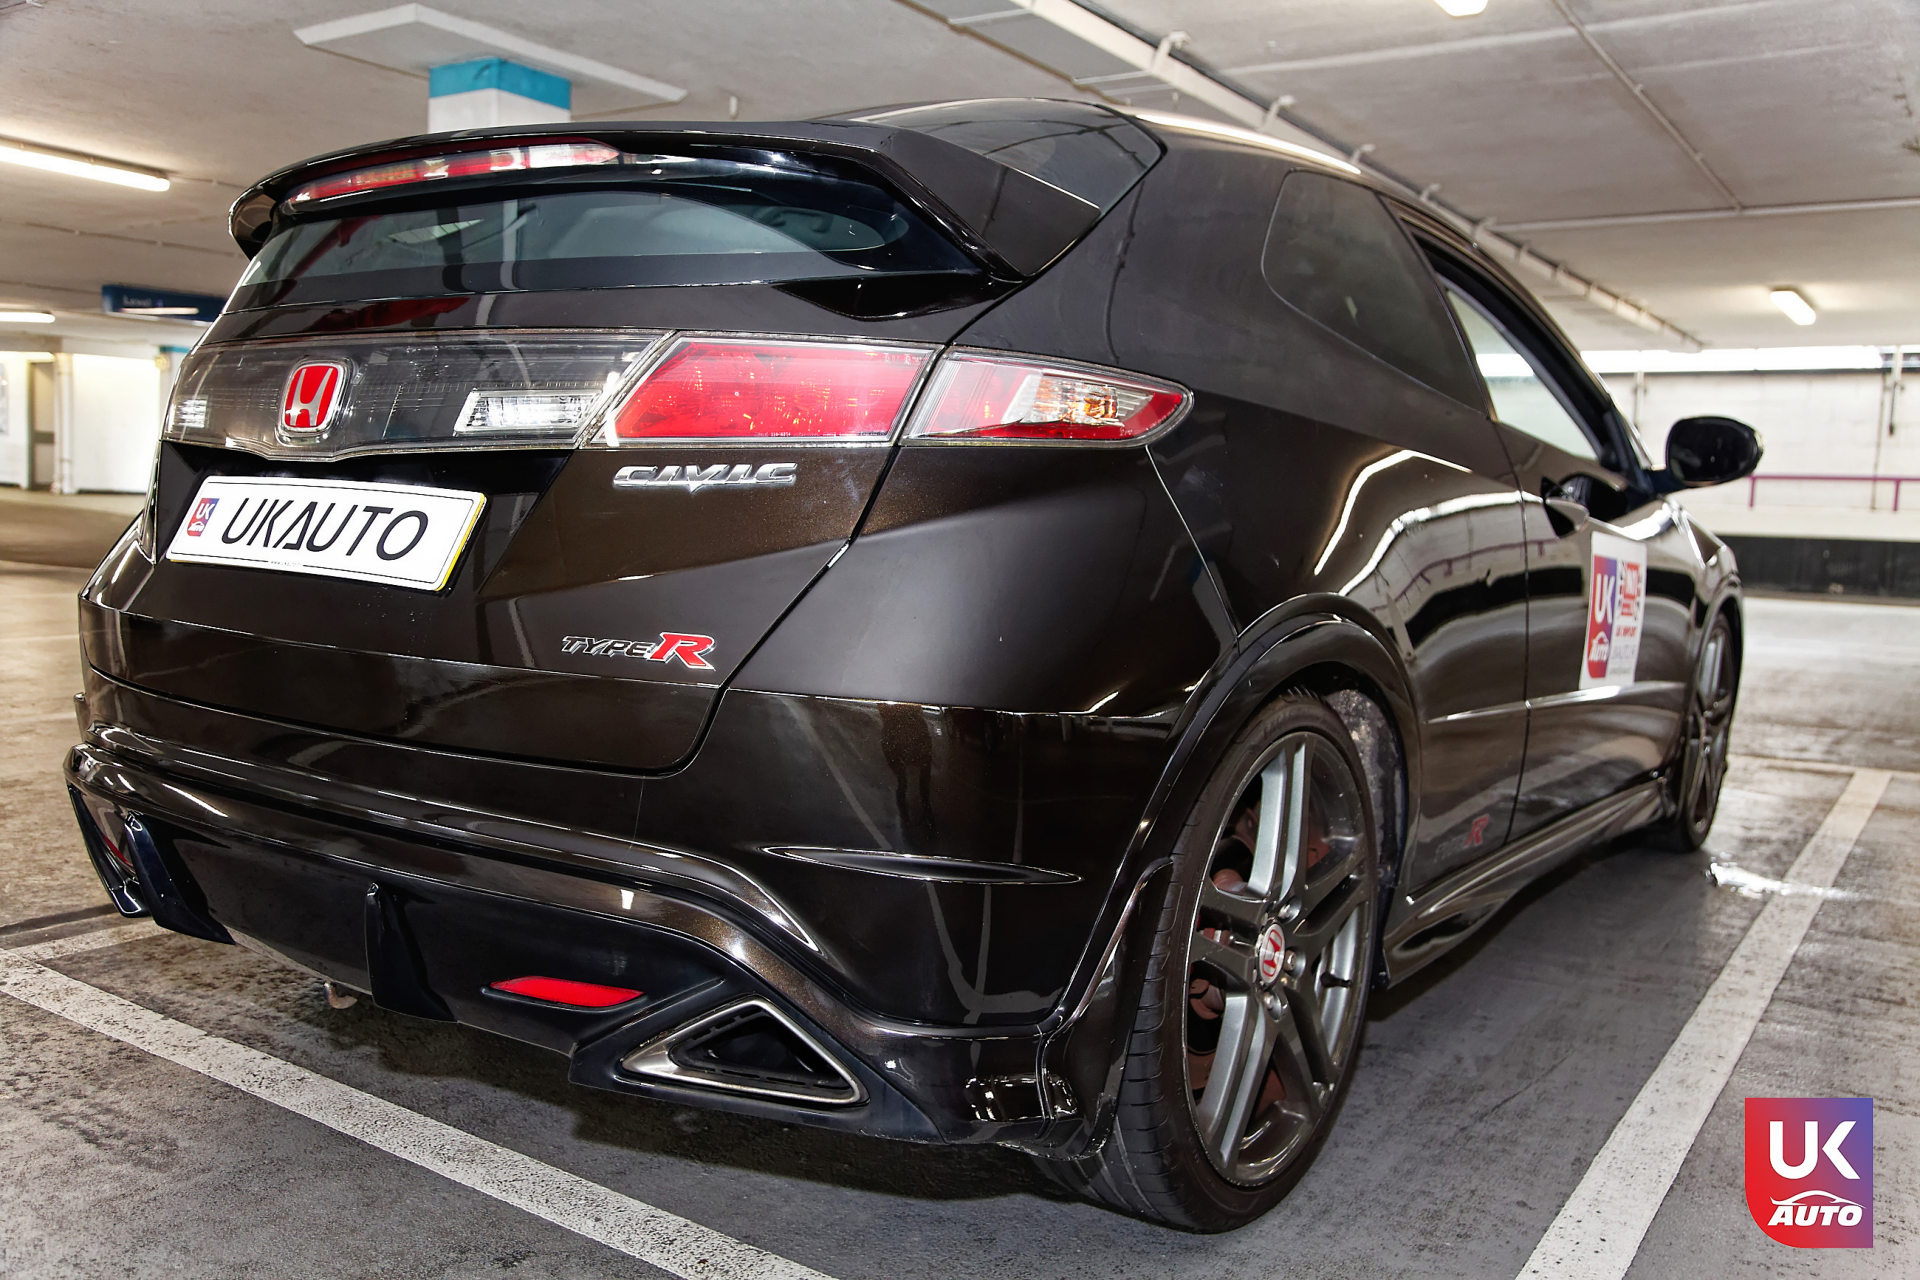 Honda Civic Type R FN2 rhd pack gt nissan uk nissan angleterre nissan royaume uni ukauto10 DxO - ACHAT AUTO HONDA CIVIC TYPE R FN2 POUR FREDERIC ACHAT AVANT LE BREXIT PAR NOTRE CLIENT